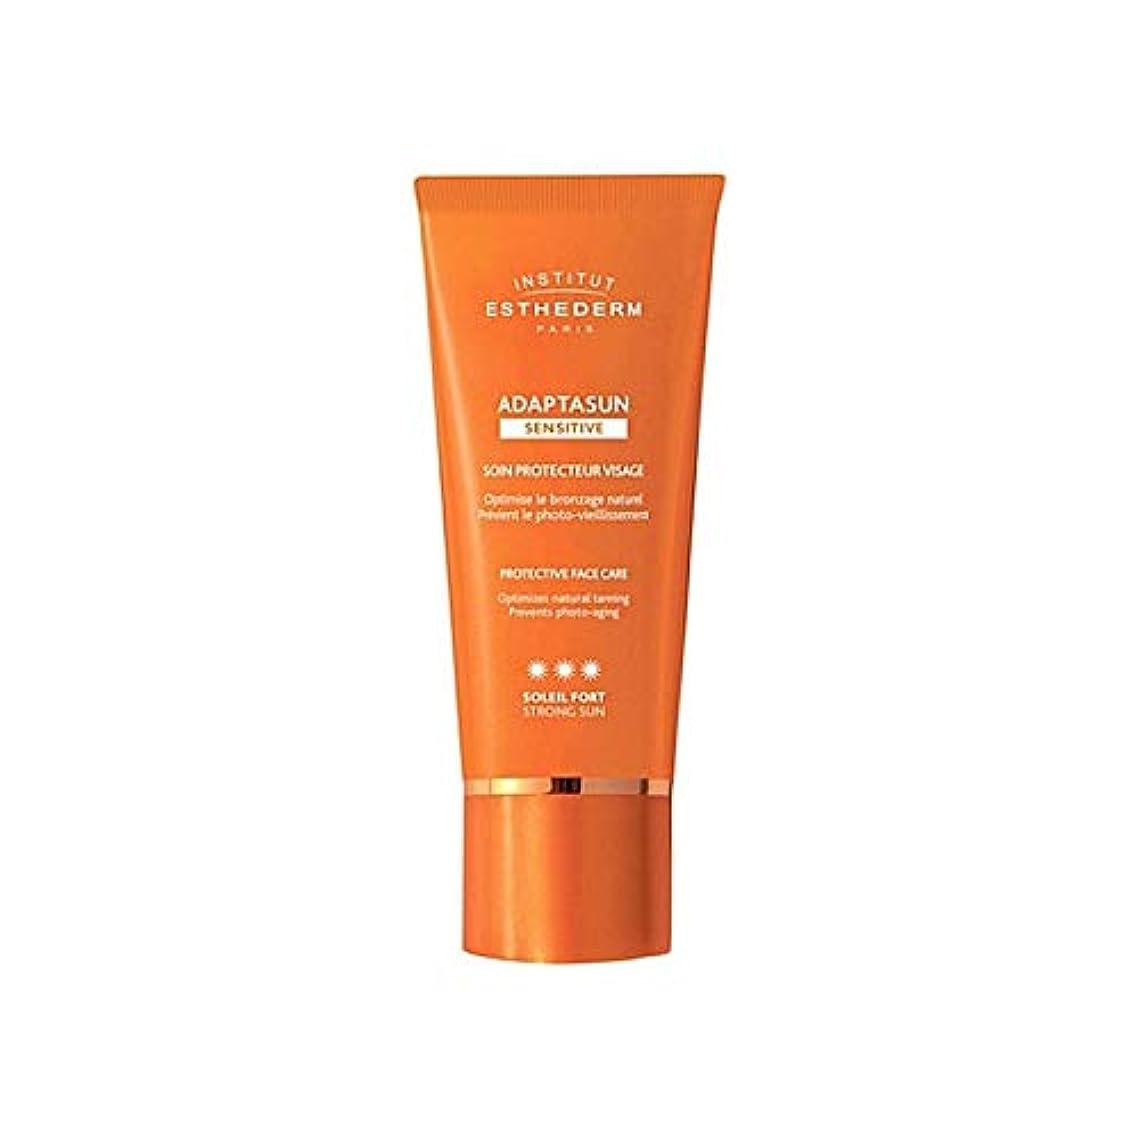 週末実験的考える[Institut Esthederm] 研究所のEsthedermのAdaptasun敏感肌の強い日顔クリーム50ミリリットル - Institut Esthederm Adaptasun Sensitive Skin...